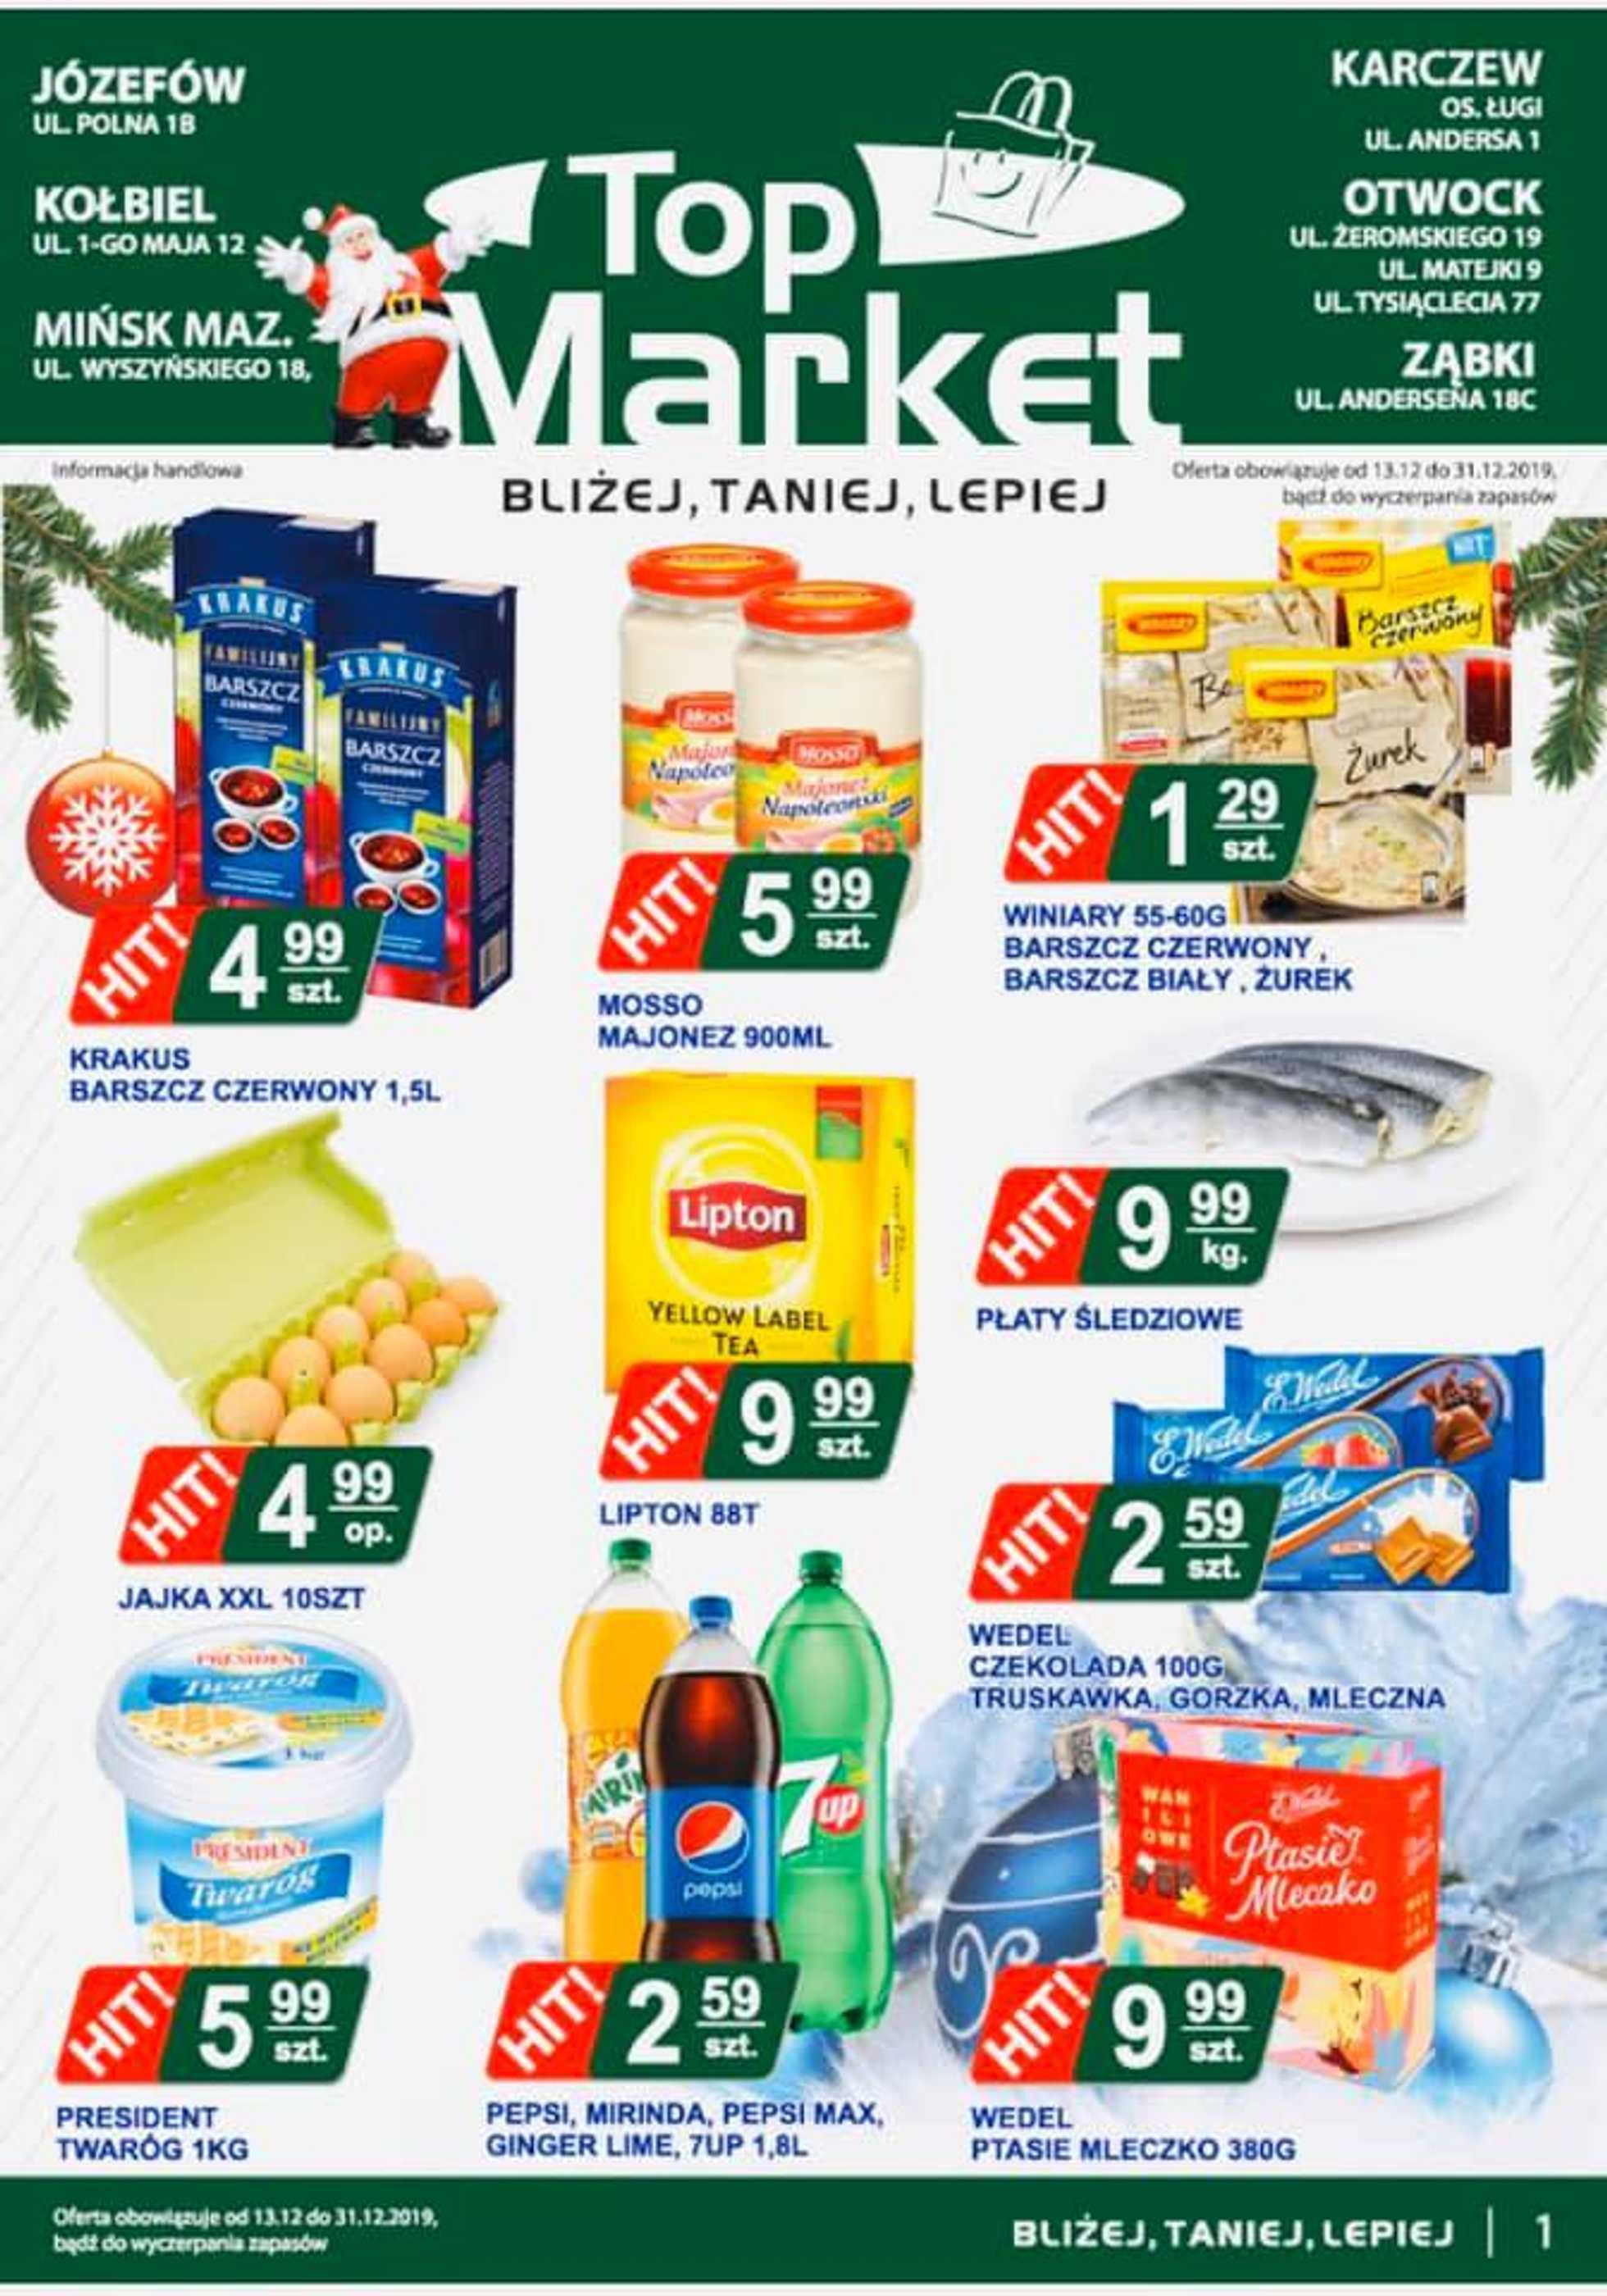 Top Market - gazetka promocyjna ważna od 13.12.2019 do 31.12.2019 - strona 1.